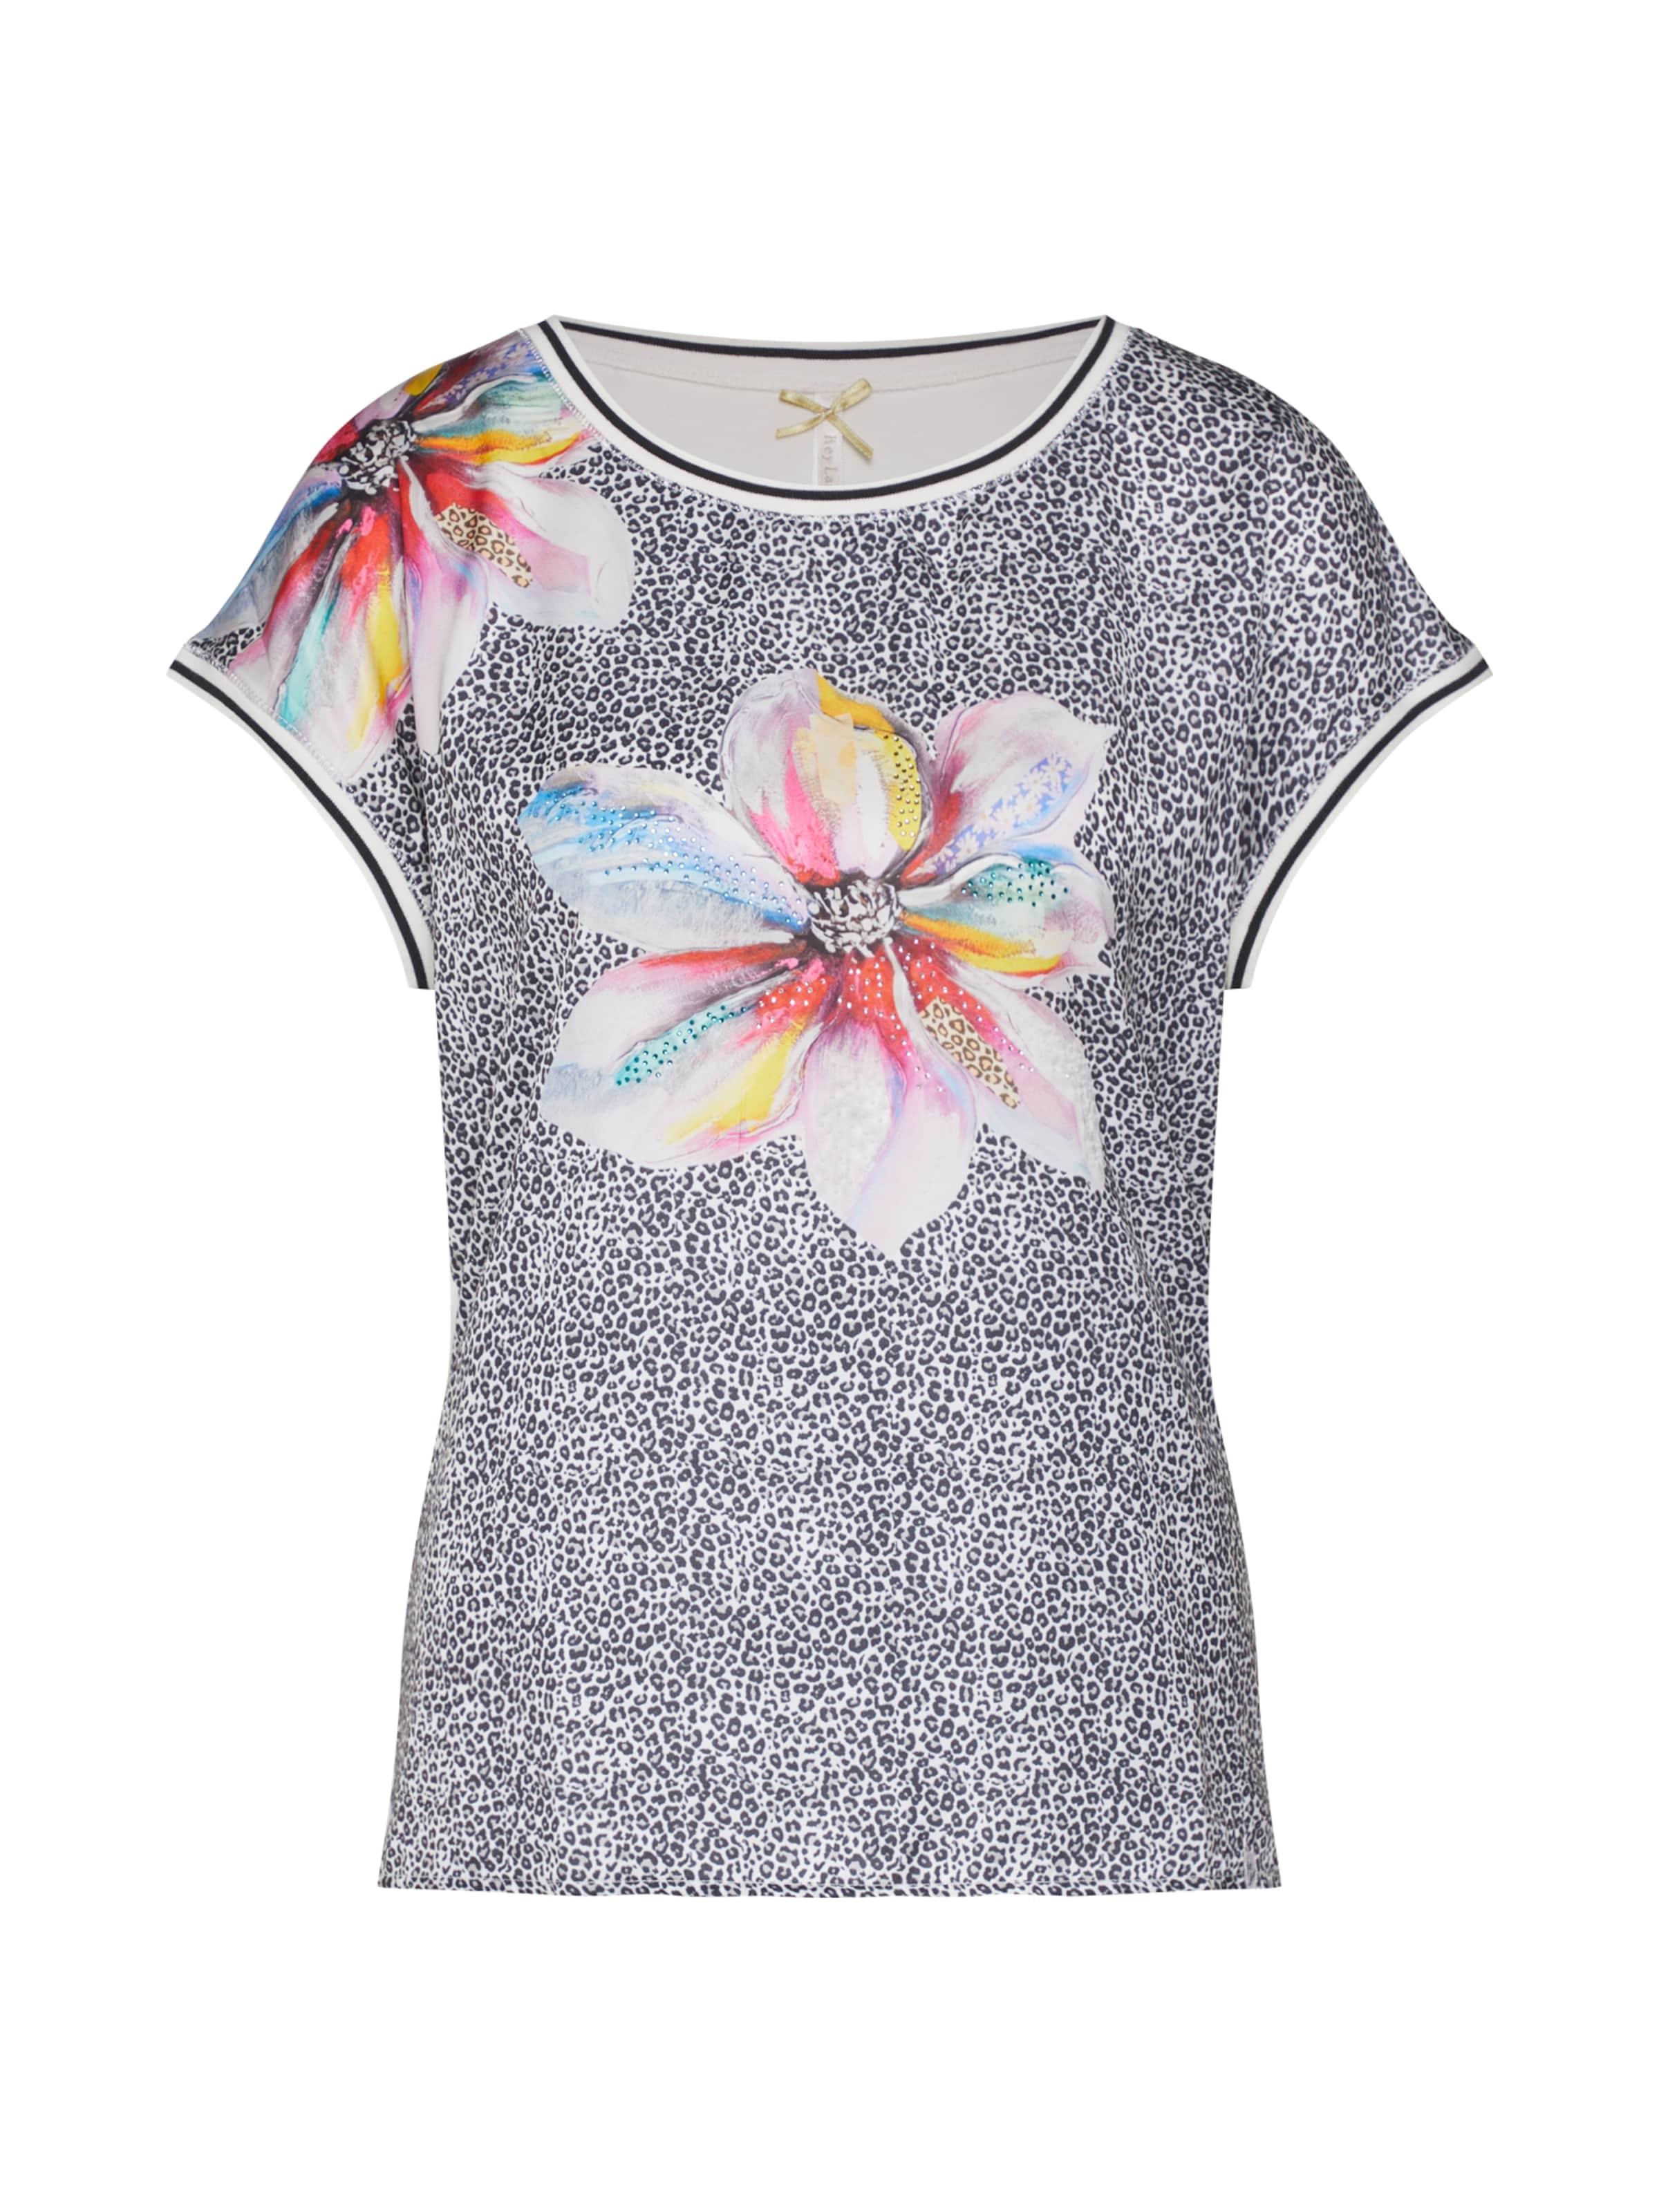 Great Key shirt Round' En De ClairMélange T 'wt Couleurs Gris Largo 8nvmw0N